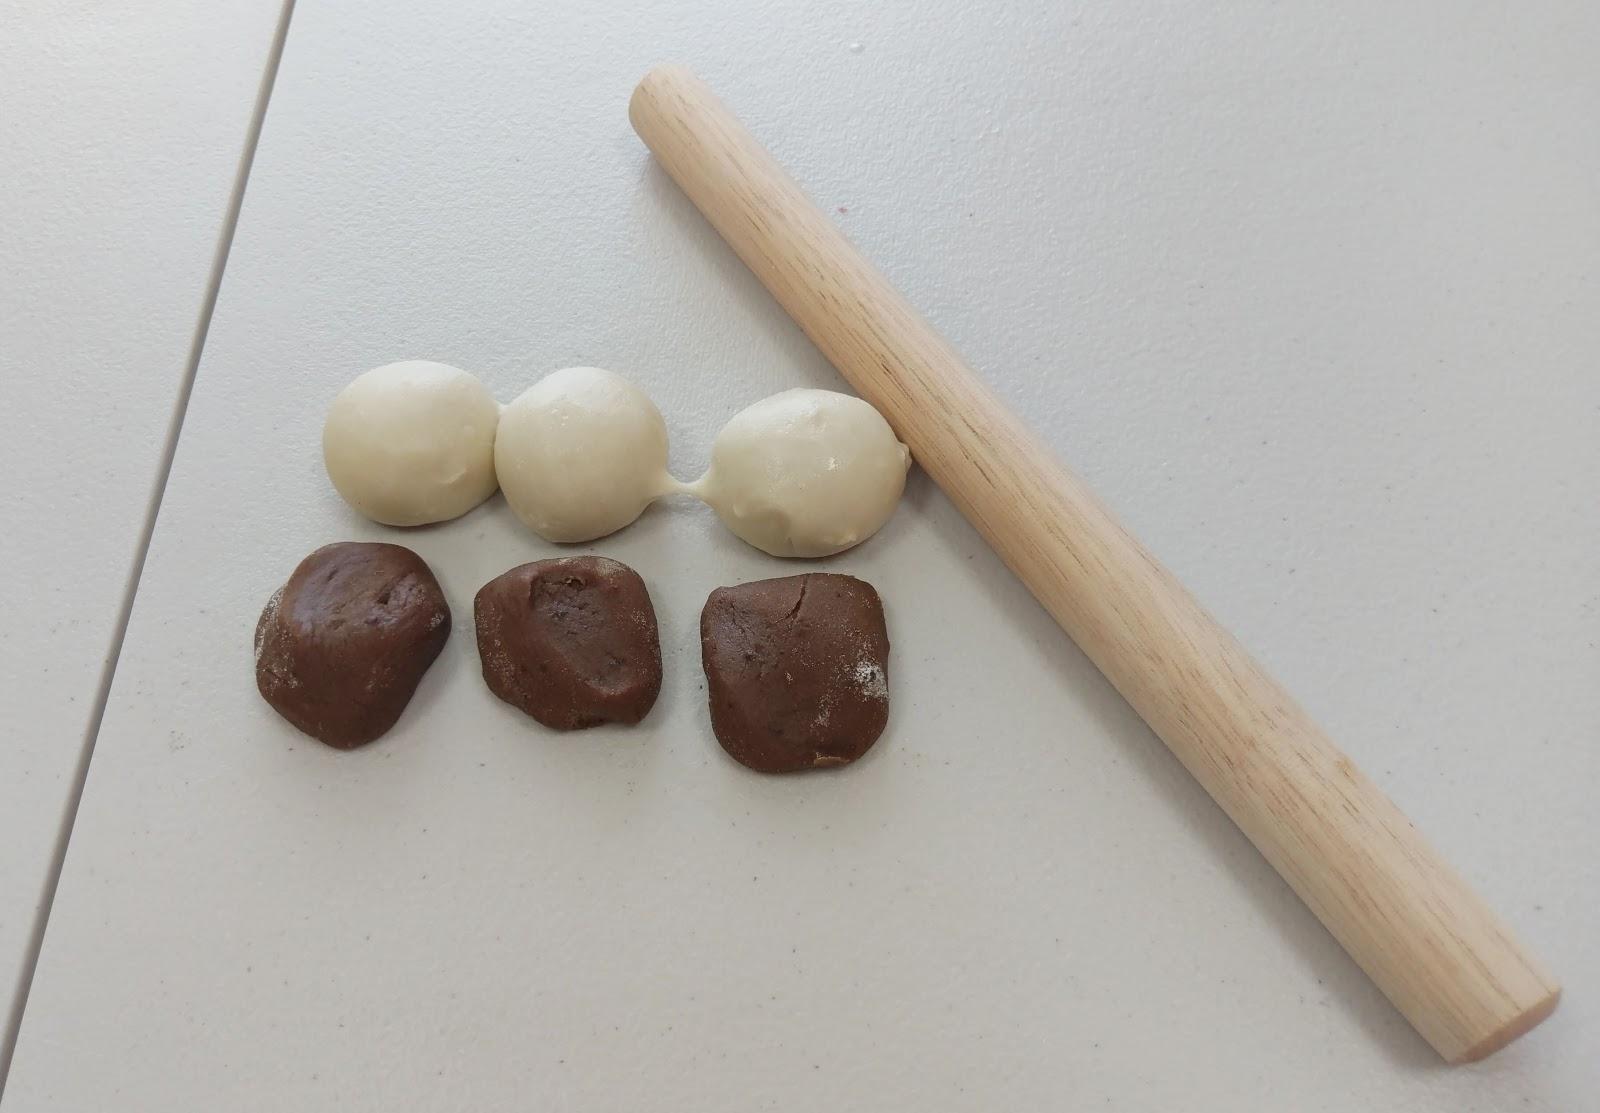 【臺南】【食記】安平區-順利餅舖-安平店★椪餅DIY初體驗★自己吃的椪餅自己做